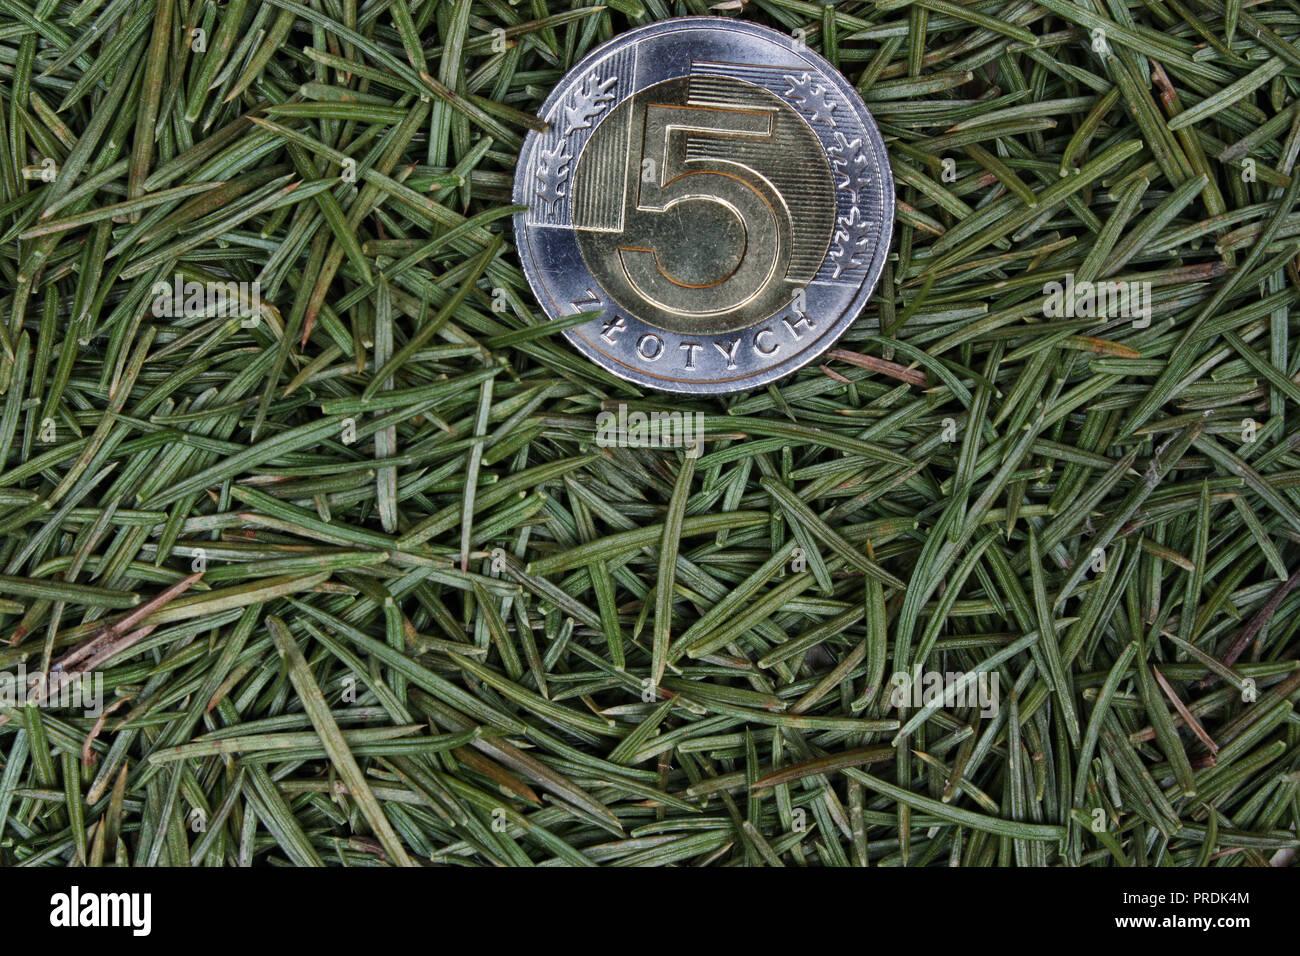 Polnische Geld Münze Vor Dem Hintergrund Der Tannennadeln Stockfoto